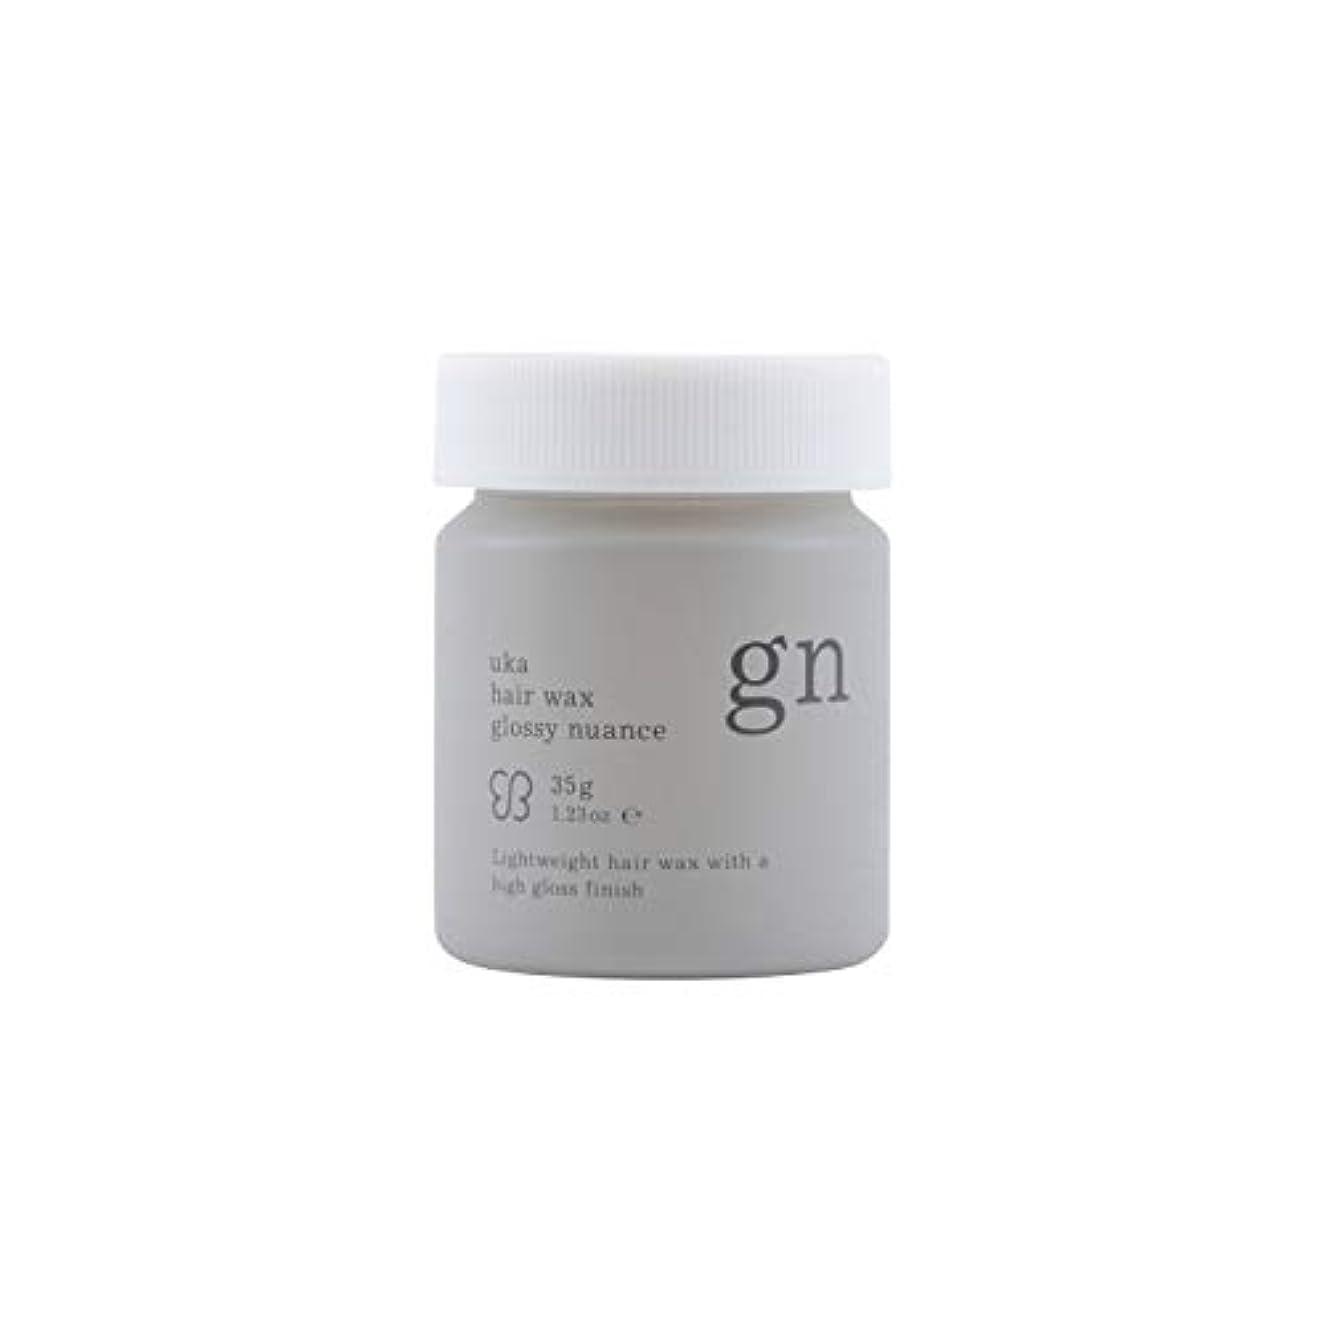 ガロンコミュニティスナッチウカ(uka) uka Hair Wax Glossy Nuance ヘアワックス 35g